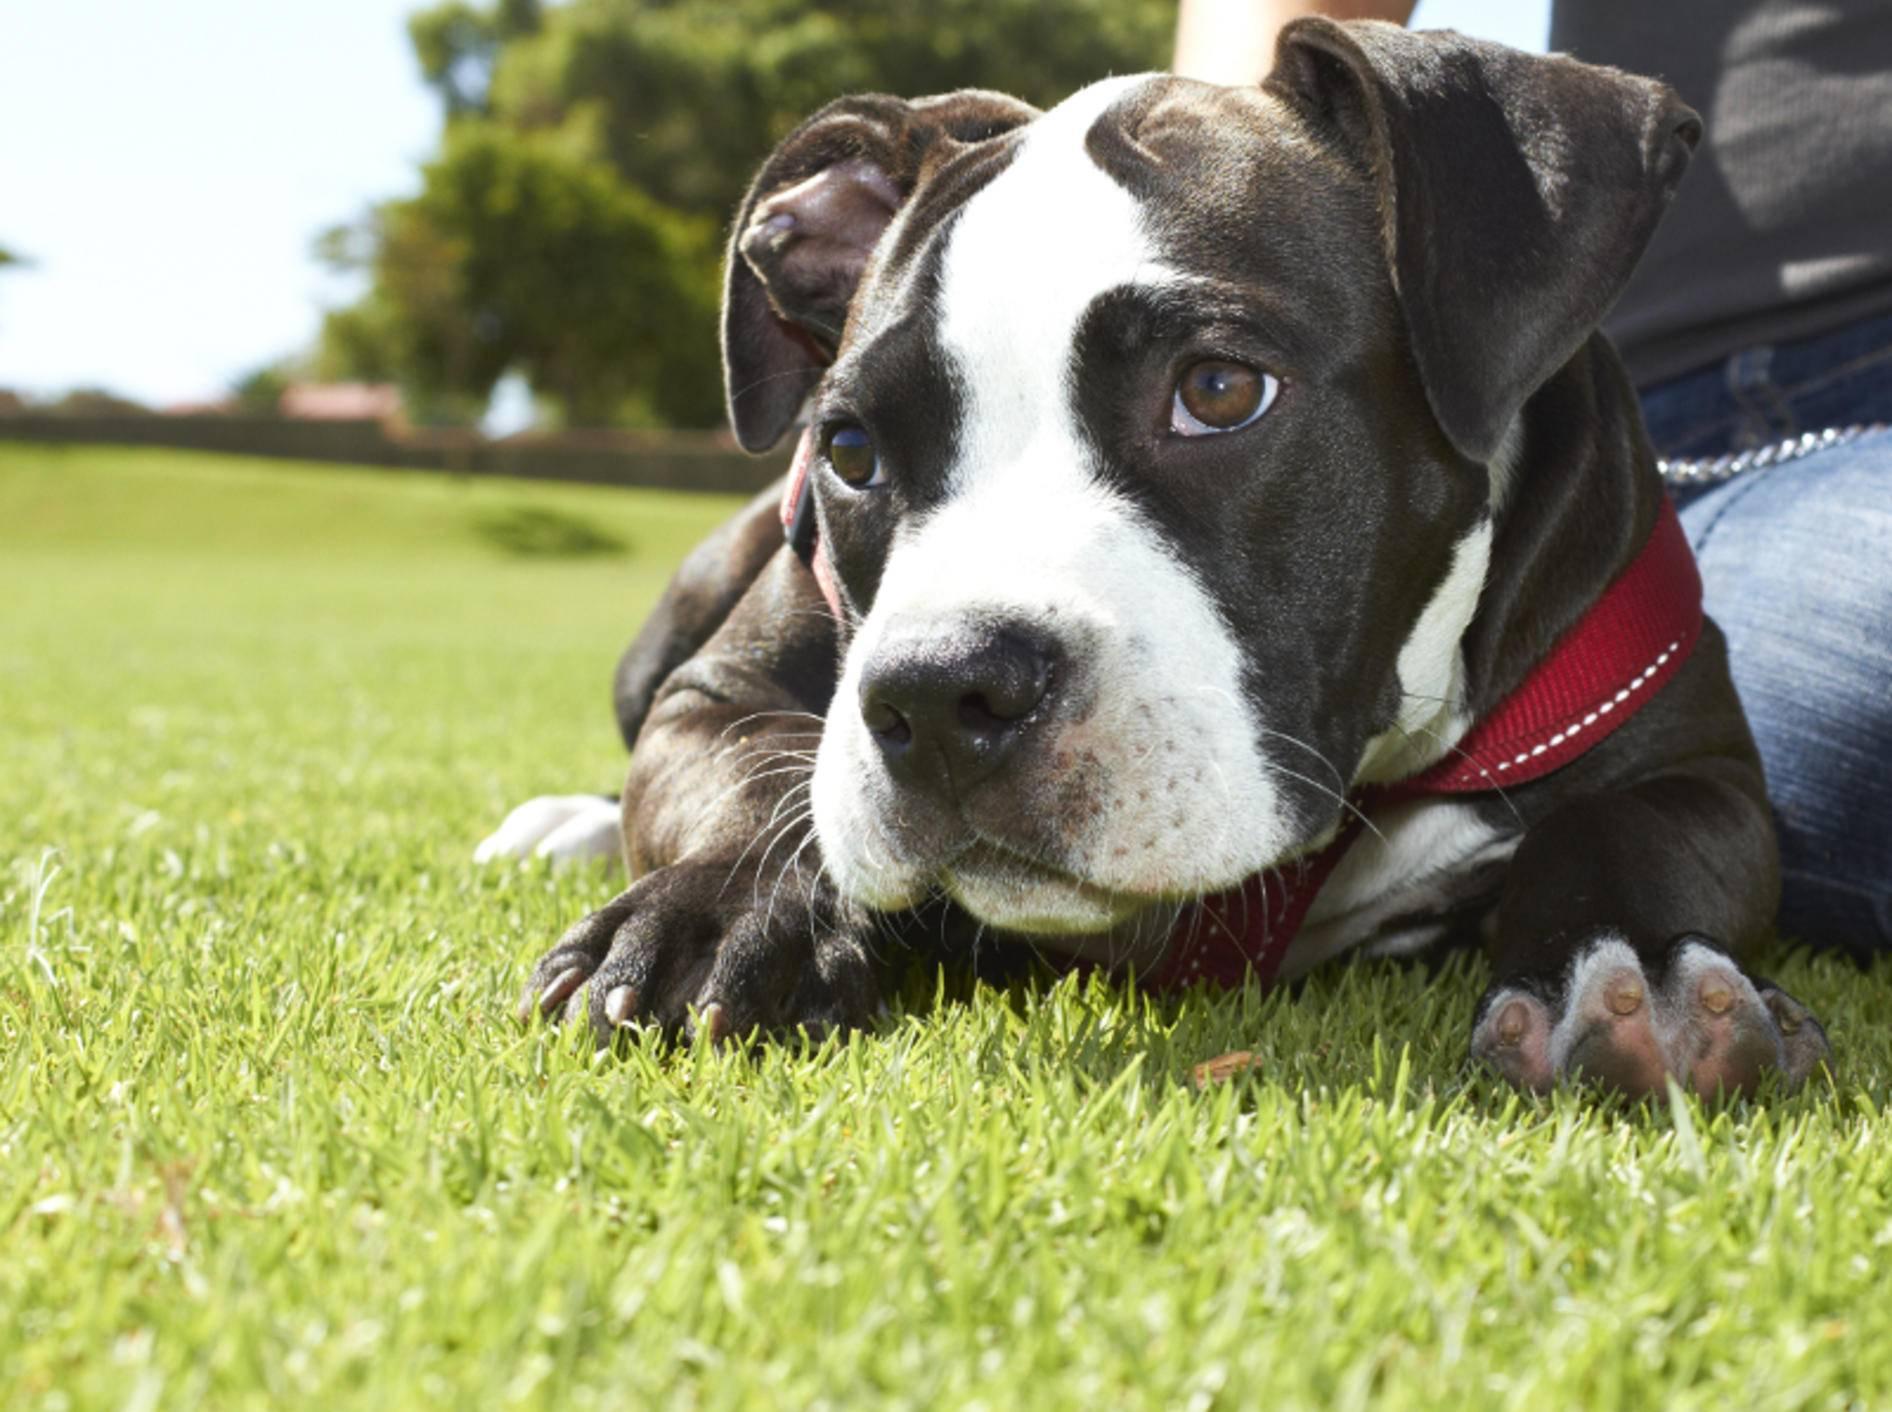 Den Pitbull gibt es in verschiedenen Farben – Bild: Shutterstock / dogboxstudio